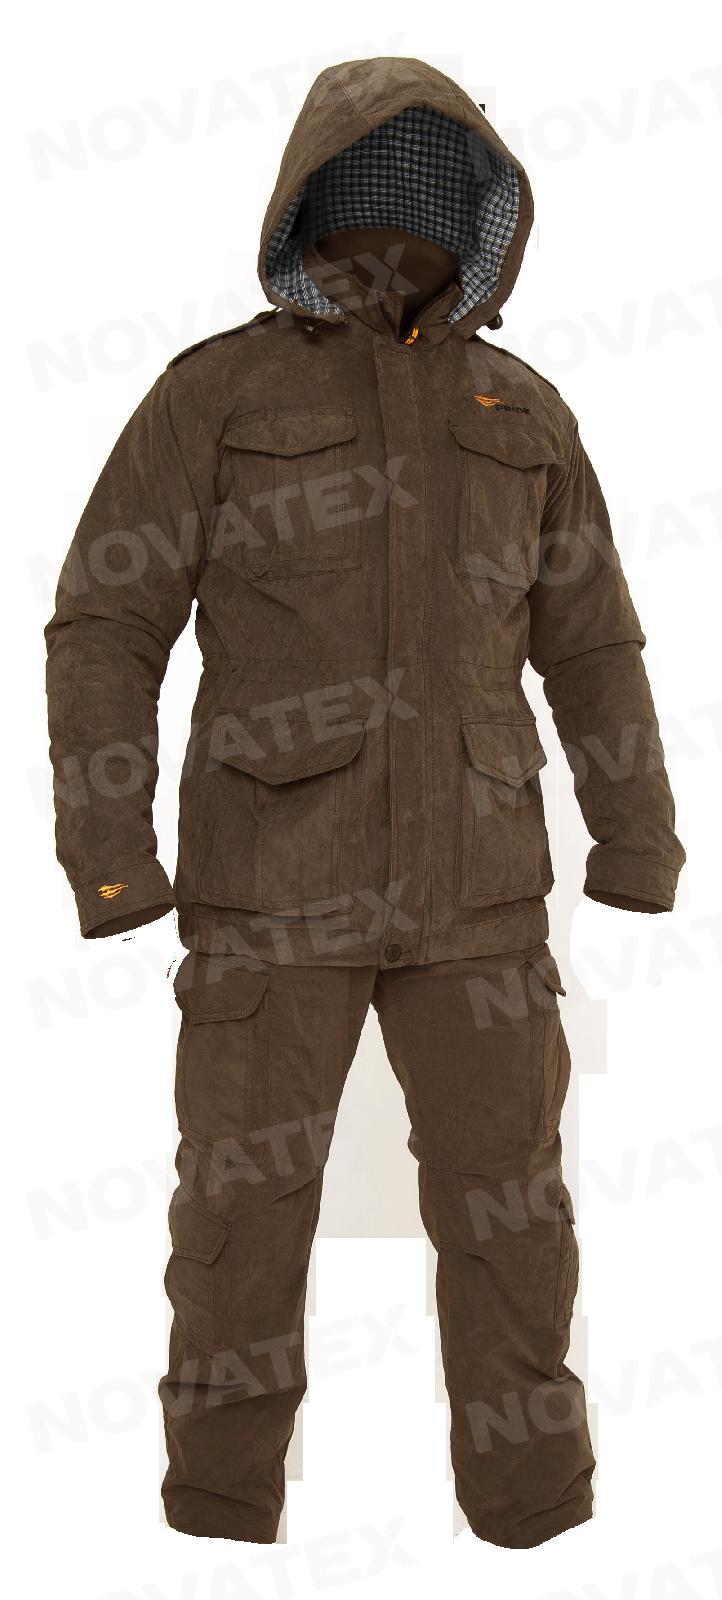 Костюм «Шутер» (финляндия, орех) PRIDE (56-58 Костюмы утепленные<br>Костюм «Шутер» (ТМ PRIDE) –является дальнейшим <br>развитием костюма «Нато», разработанного <br>в лаборатории экипировки Novatex. Этот удобный <br>универсальный костюм анатомического кроя <br>изготовляется из современной мембранной <br>ткани «Финляндия», утеплитель «Сиберия» <br>гарантирует комфортную температуру в любых <br>условиях (в рамках рекомендуемых температур). <br>Костюм «Шутер» рекомендуется для охотников, <br>рыбаков, туристов, любителей военно-спортивных <br>игр и силовых структур.<br><br>Пол: мужской<br>Размер: 56-58<br>Рост: 170-176<br>Сезон: демисезонный<br>Цвет: коричневый